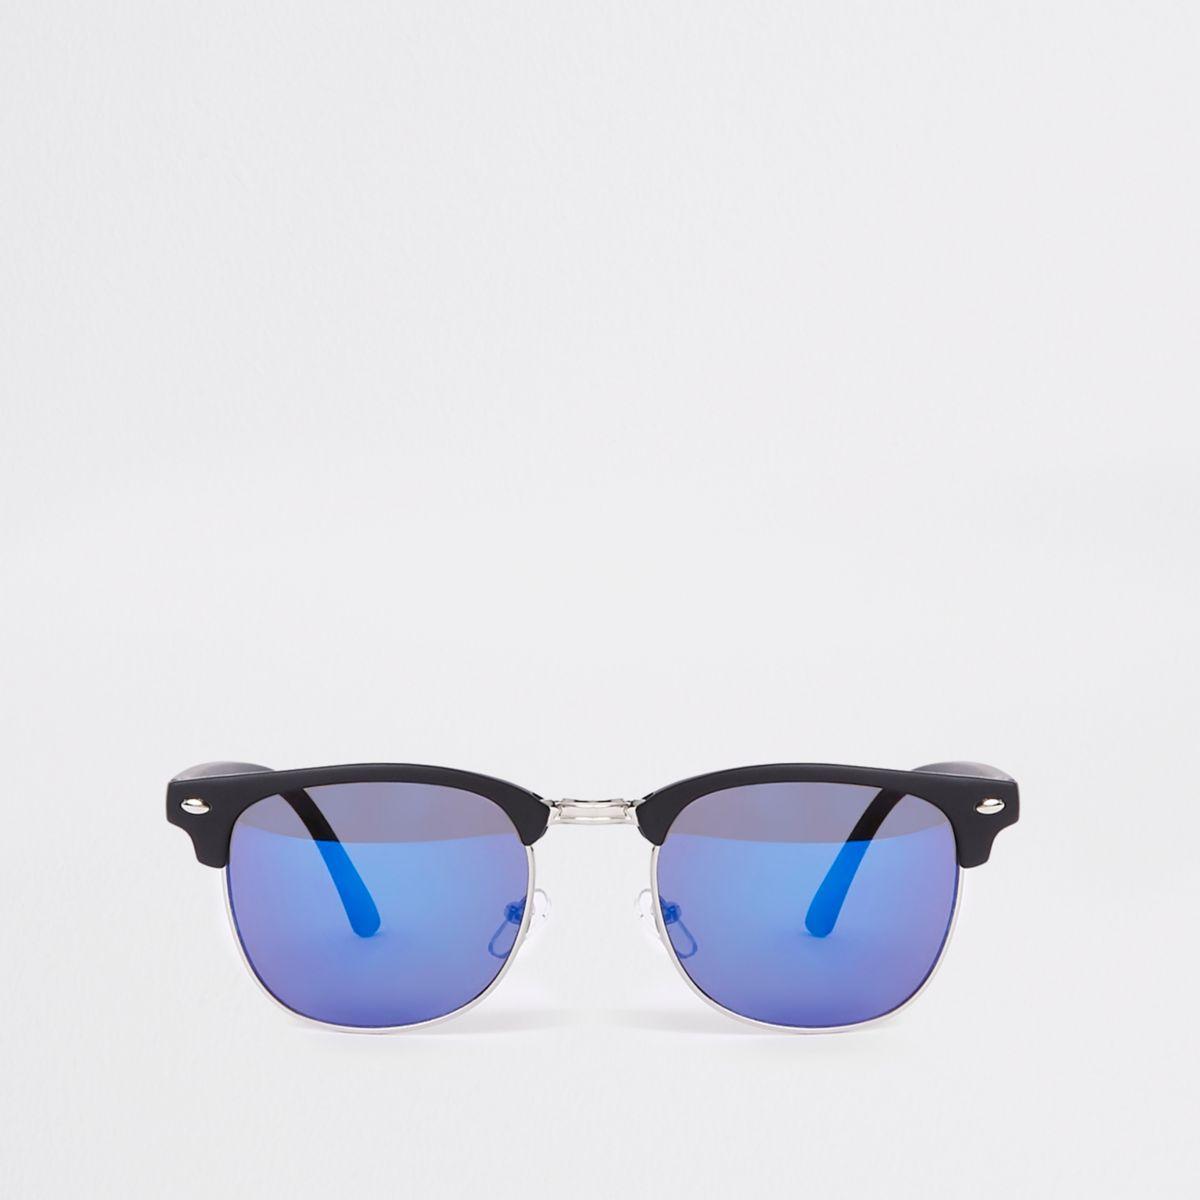 River Island Lunettes de soleil rétro noires à demi-monture et verres bleus qNUviFD